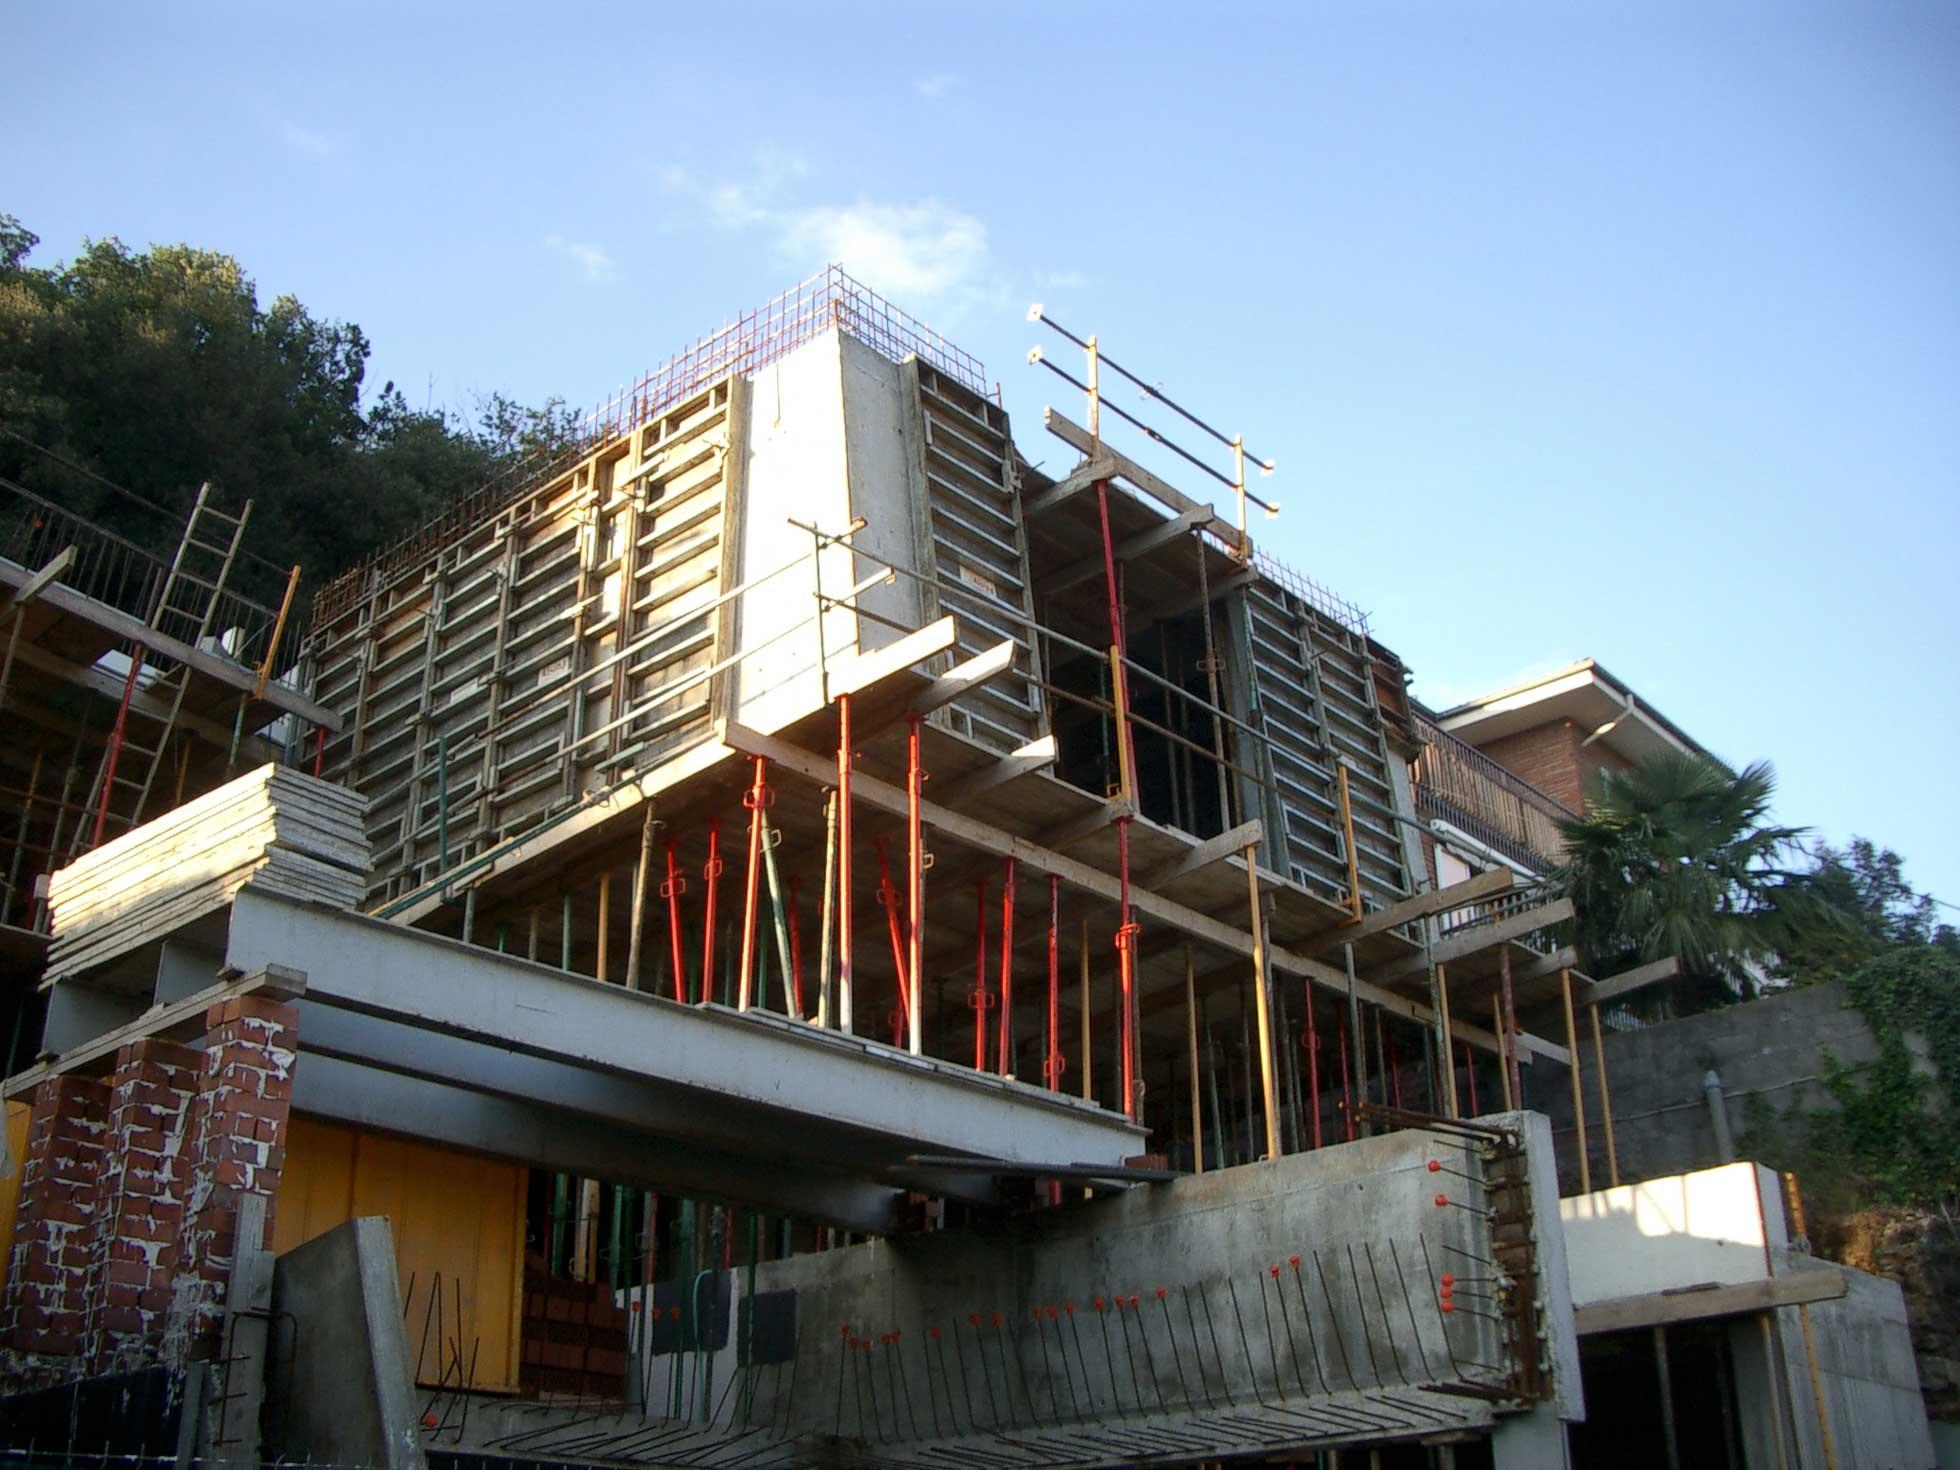 House for a carpenter 4